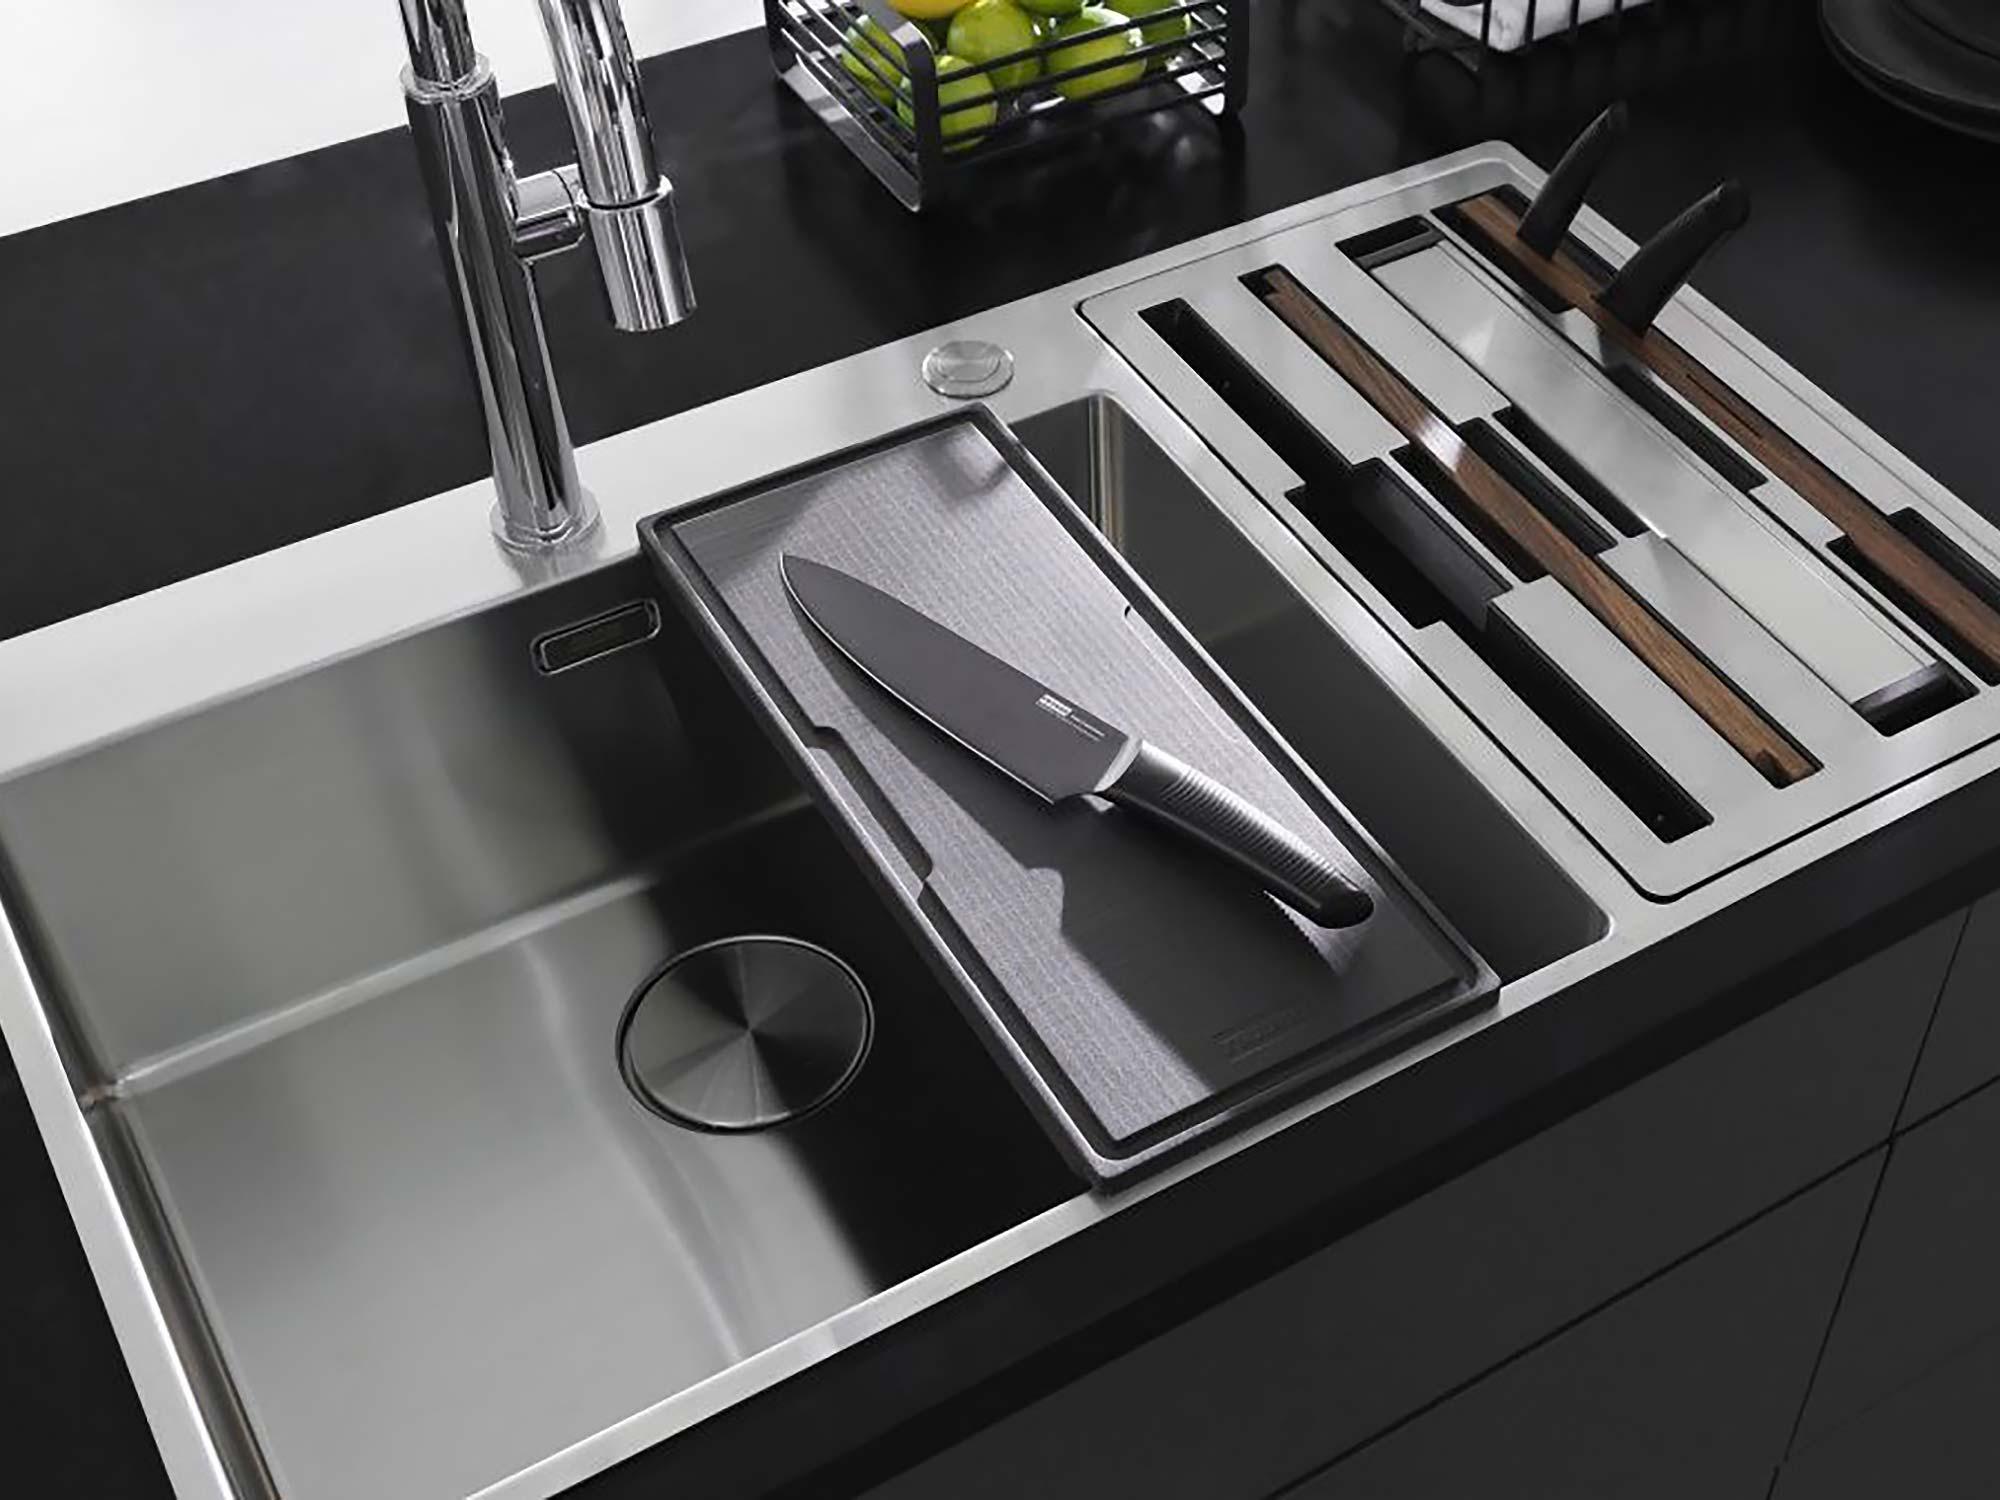 Franke kitchen sink black